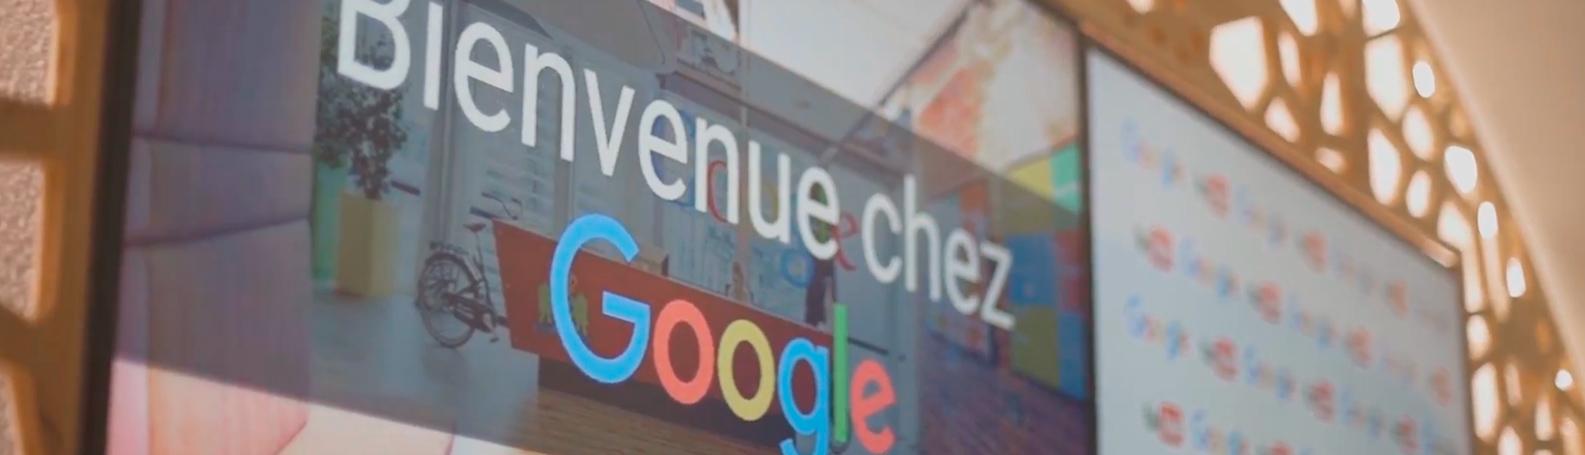 Bienvenue Google